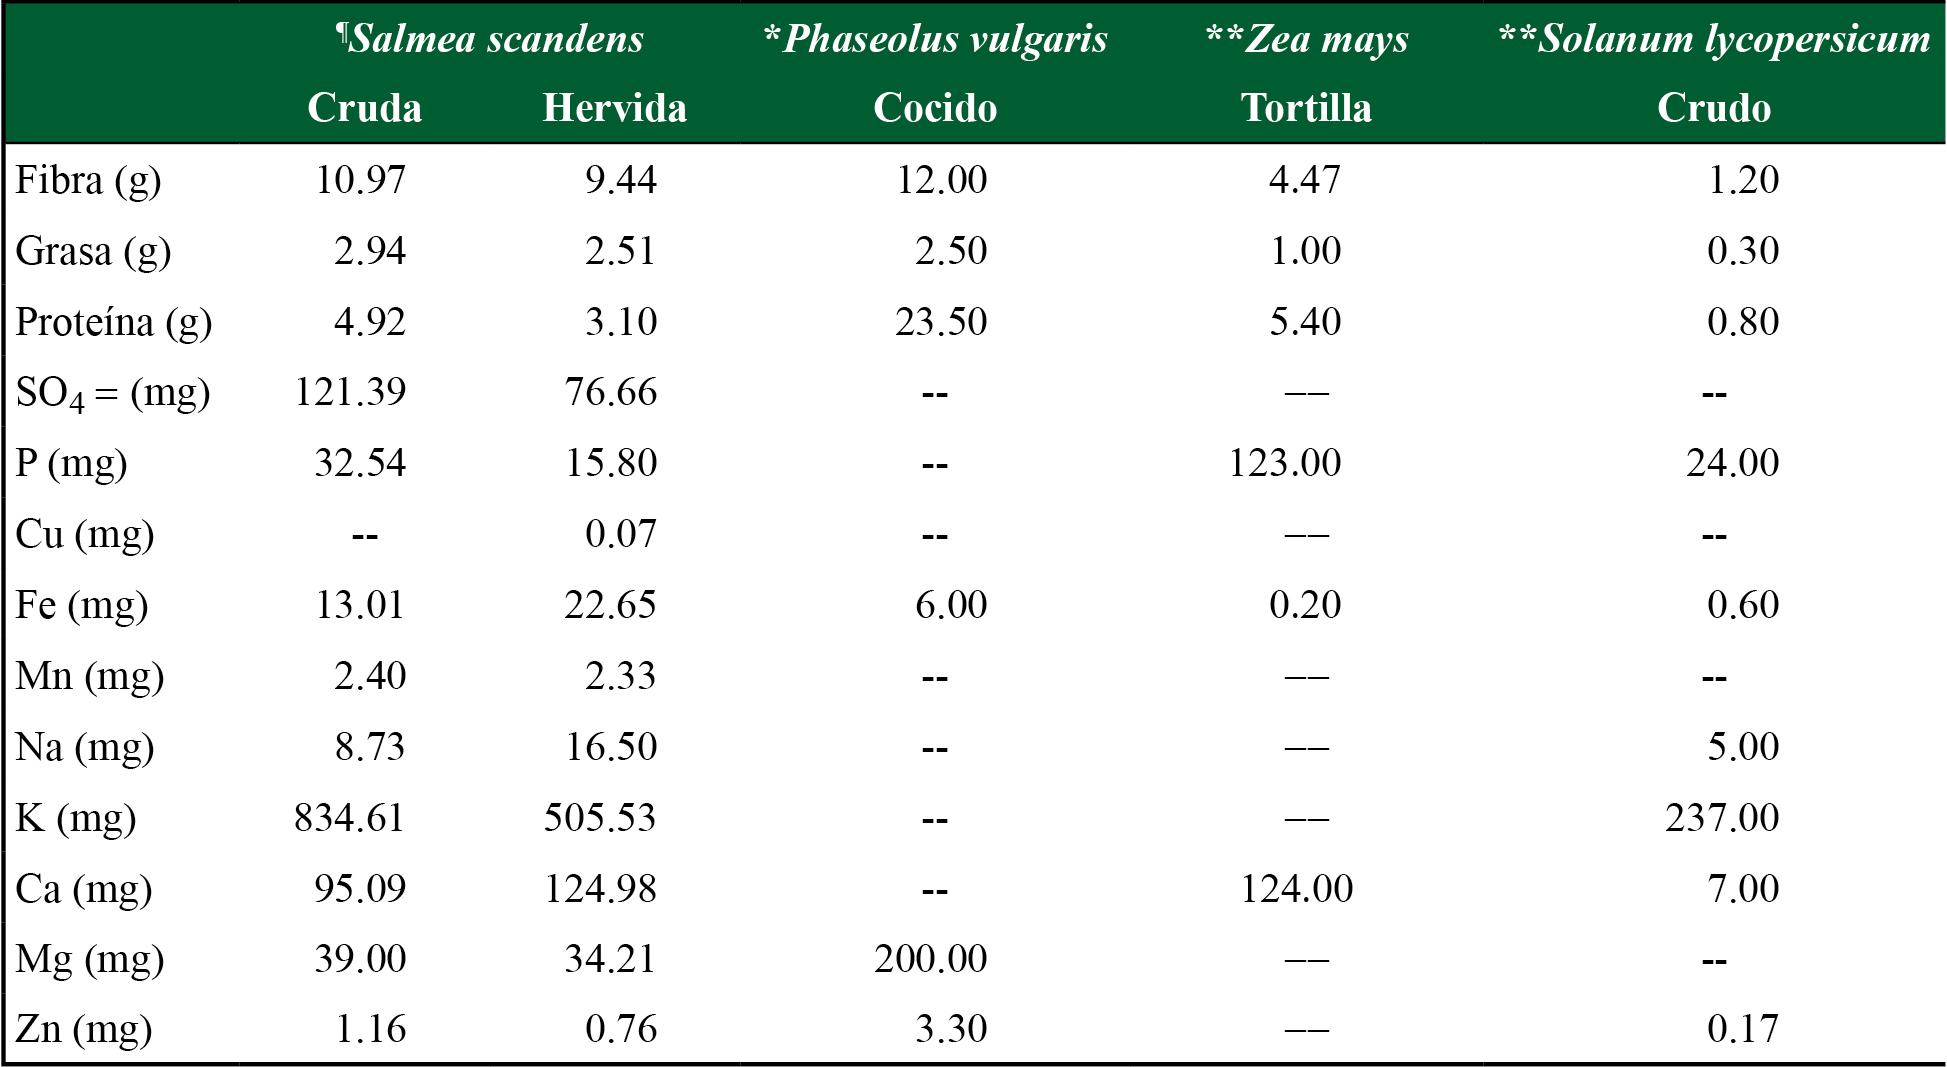 Comparación del contenido nutrimental de Salmea scandens en porción de 100 g en base fresca en sus principales formas de consumo, respecto al frijol, maíz y tomate